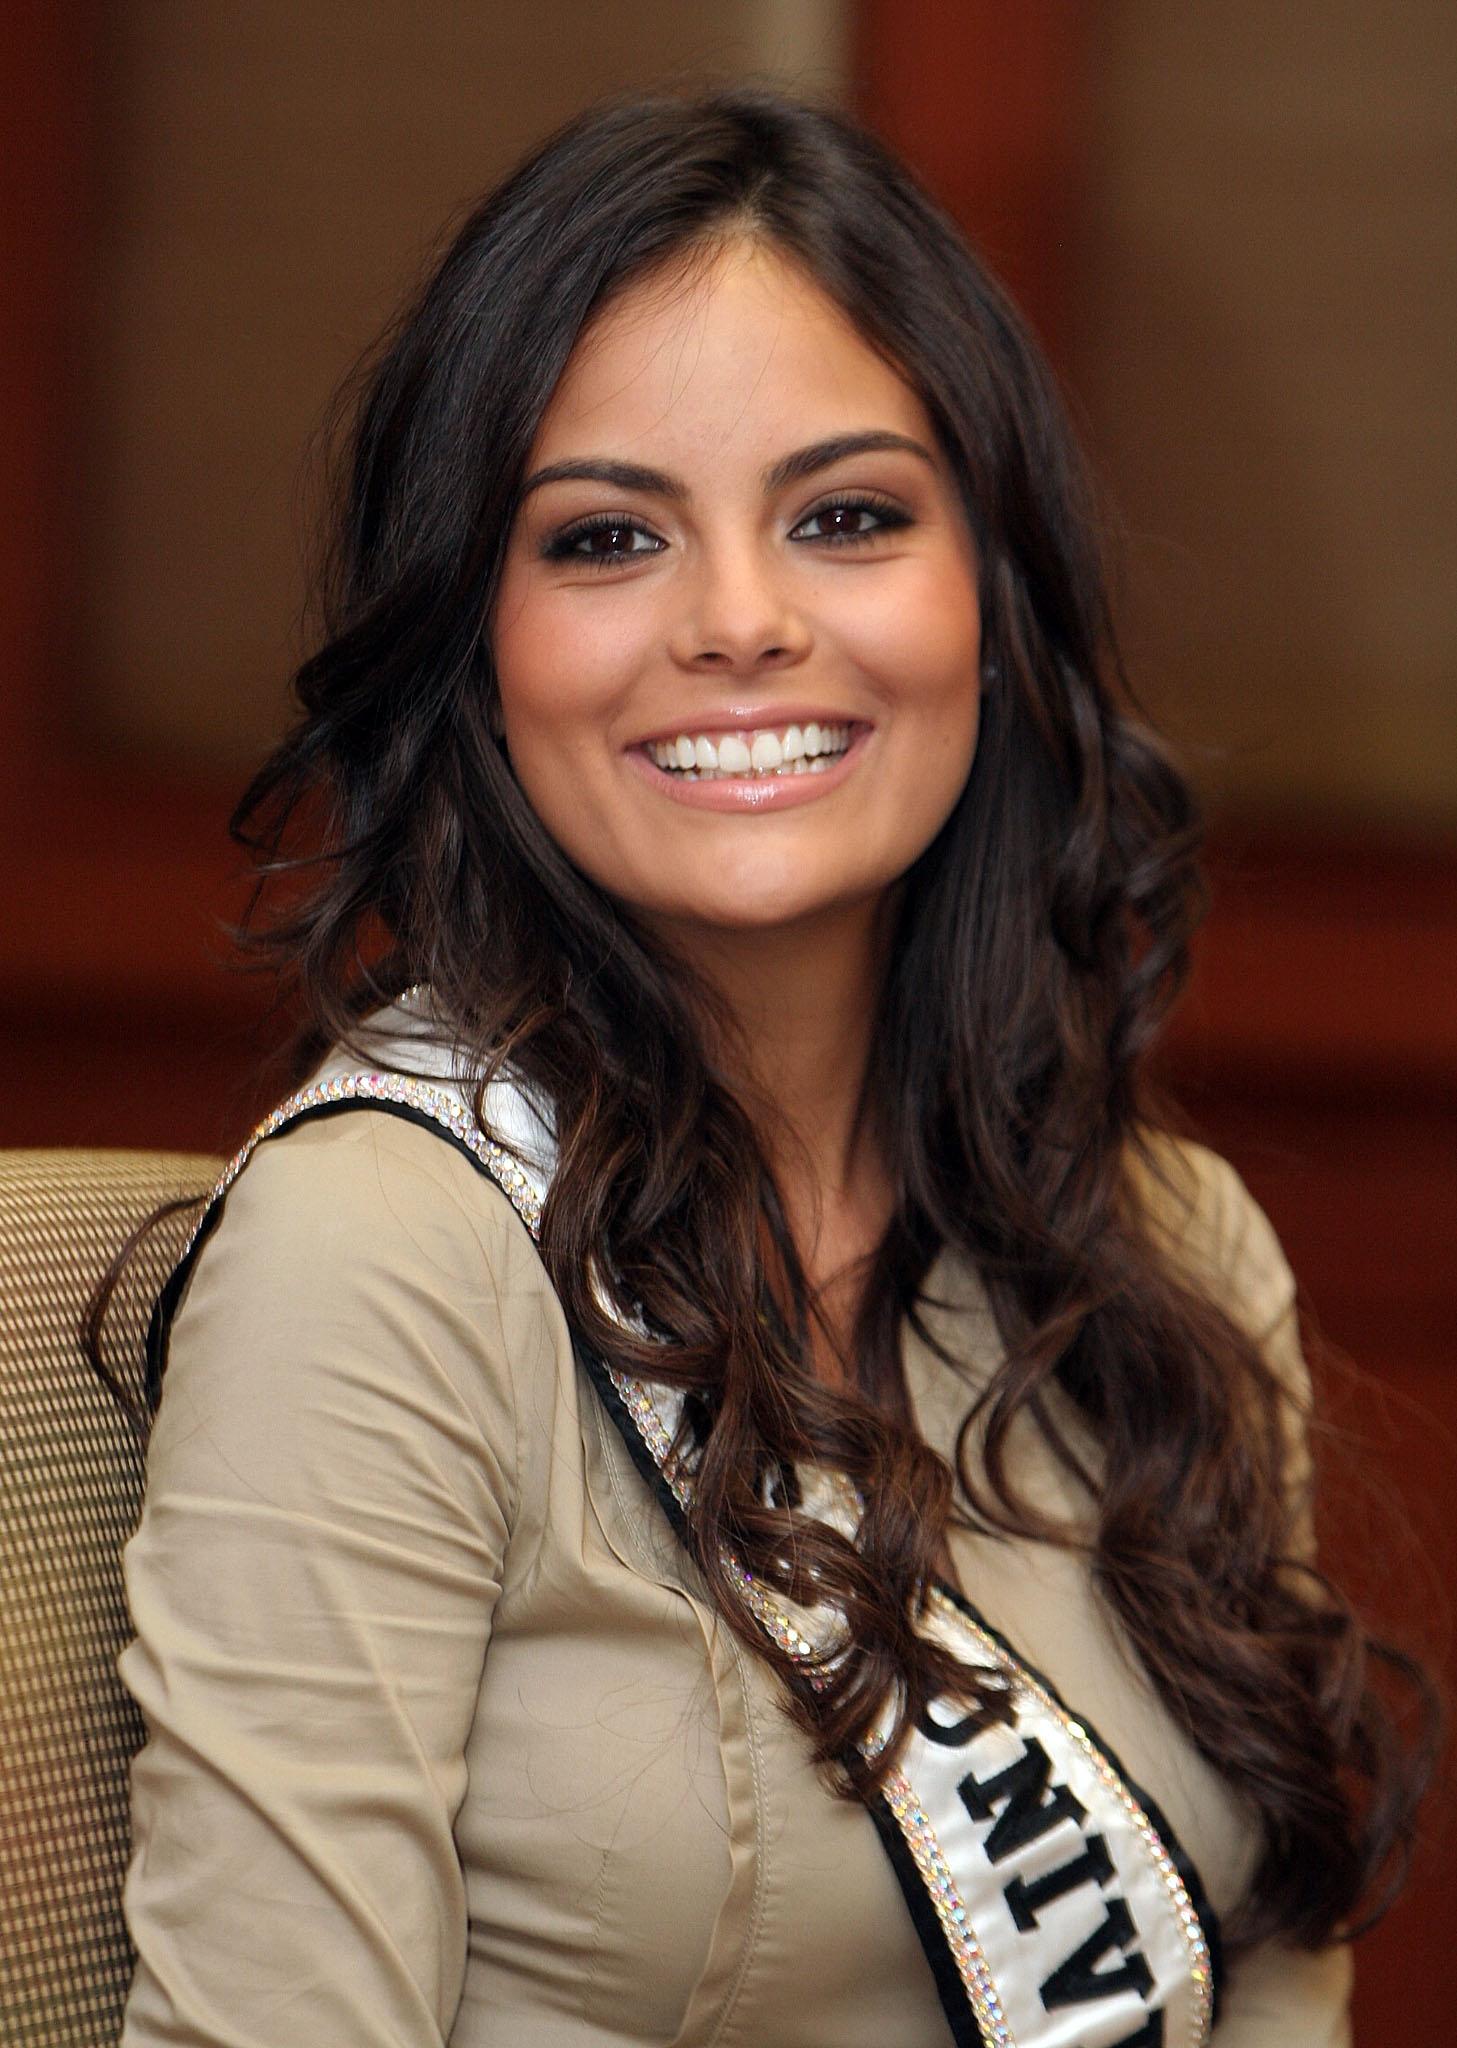 Las mezclas amerindias y europeas - Mestizas y mestizos Ximena_Navarrete_-_Miss_Universe_2010